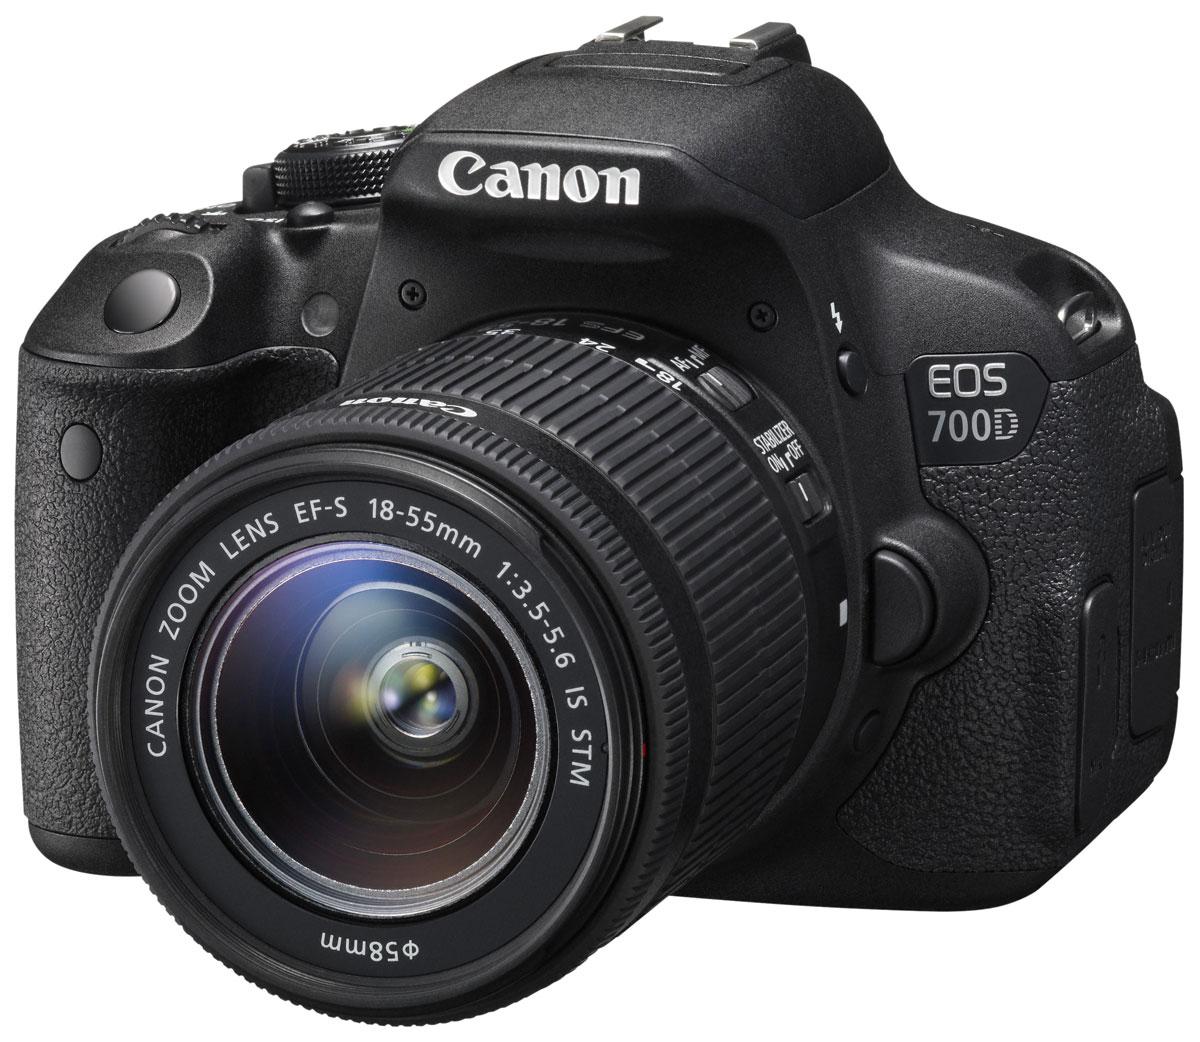 Canon EOS 700D Kit EF-S 18-55 IS STM цифровая зеркальная фотокамера8596B005Цифровая зеркальная камера Canon EOS 700D идеальна для первого опыта в мире изображений EOS. Сделайте шаг в мир цифровой зеркальной фотографии и раскройте свой творческий потенциал. 18-мегапиксельный датчик позволяет создавать превосходные фотографии и видео, а удобный сенсорный ЖК-экран с переменным углом наклона Clear View II превращает съемку в удовольствие. Превосходное качество изображения: Запечатлейте каждую деталь благодаря 18-мегапиксельной матрице с гибридным CMOS-автофокусом. EOS 700D позволяет создавать изображения с низким уровнем шумов, которые можно распечатывать в большом разрешении, либо кадрировать и менять композицию. Видео в формате Full HD: Снимайте видео с разрешением 1080p и с выбором оптимального уровня автоматического или ручного контроля. Технология гибридной автофокусировки обеспечивает автоматическую непрерывную фокусировку при съемке видео. EOS 700D поддерживает почти бесшумную следящую автофокусировку для видео,...